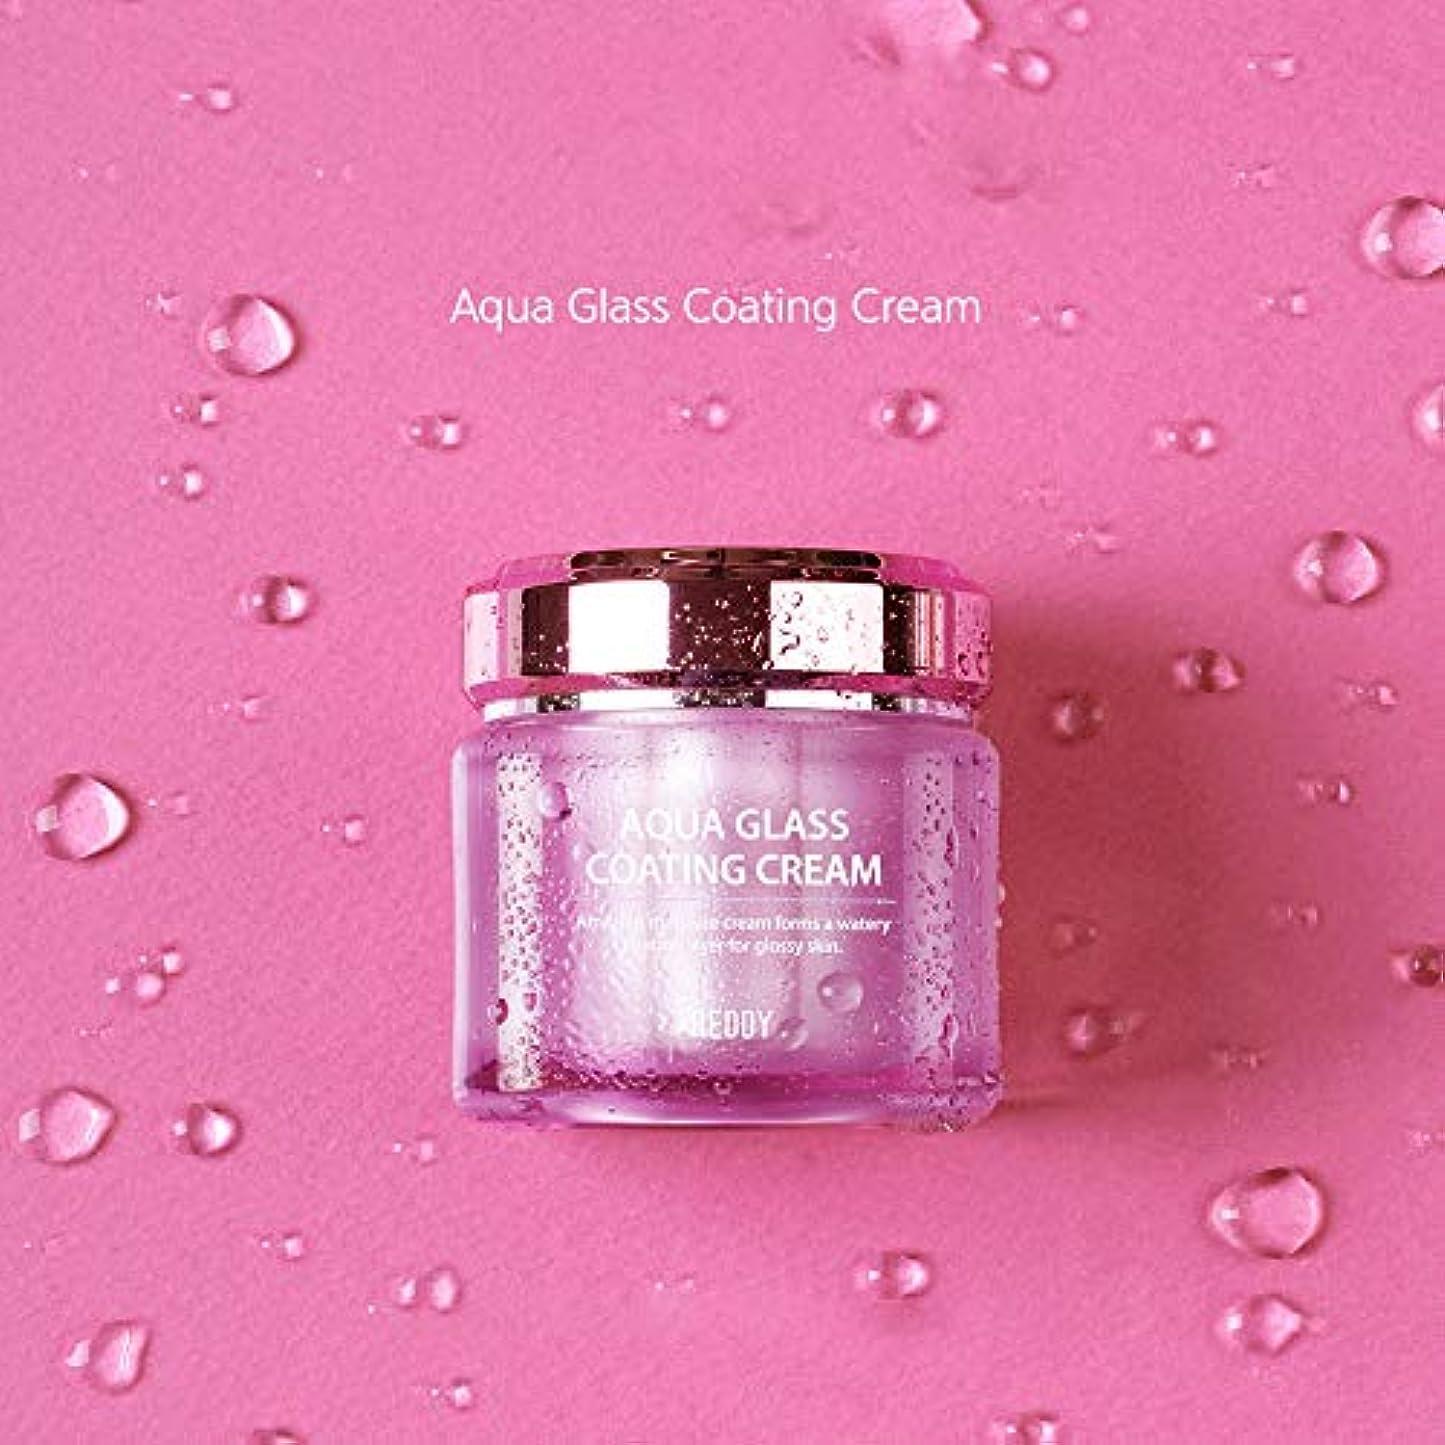 スワップ本物の合併症REDDY (レディ)(AQUA GLASS COATING CREAM)アクアグラス コーティング クリーム 50g